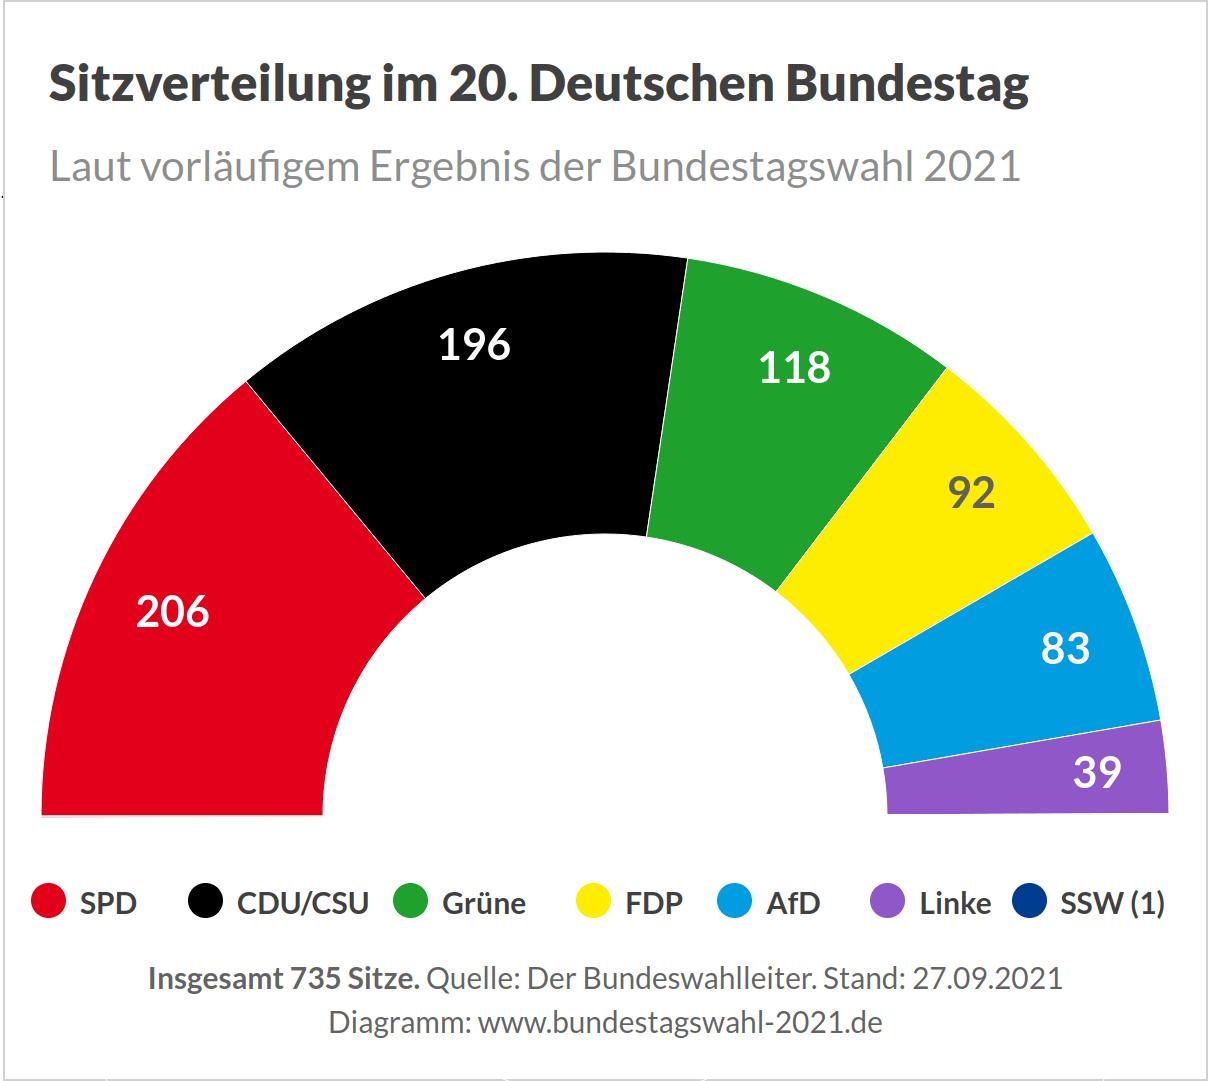 bundestagswahl-2021-ergebnis-sitzverteilung.png